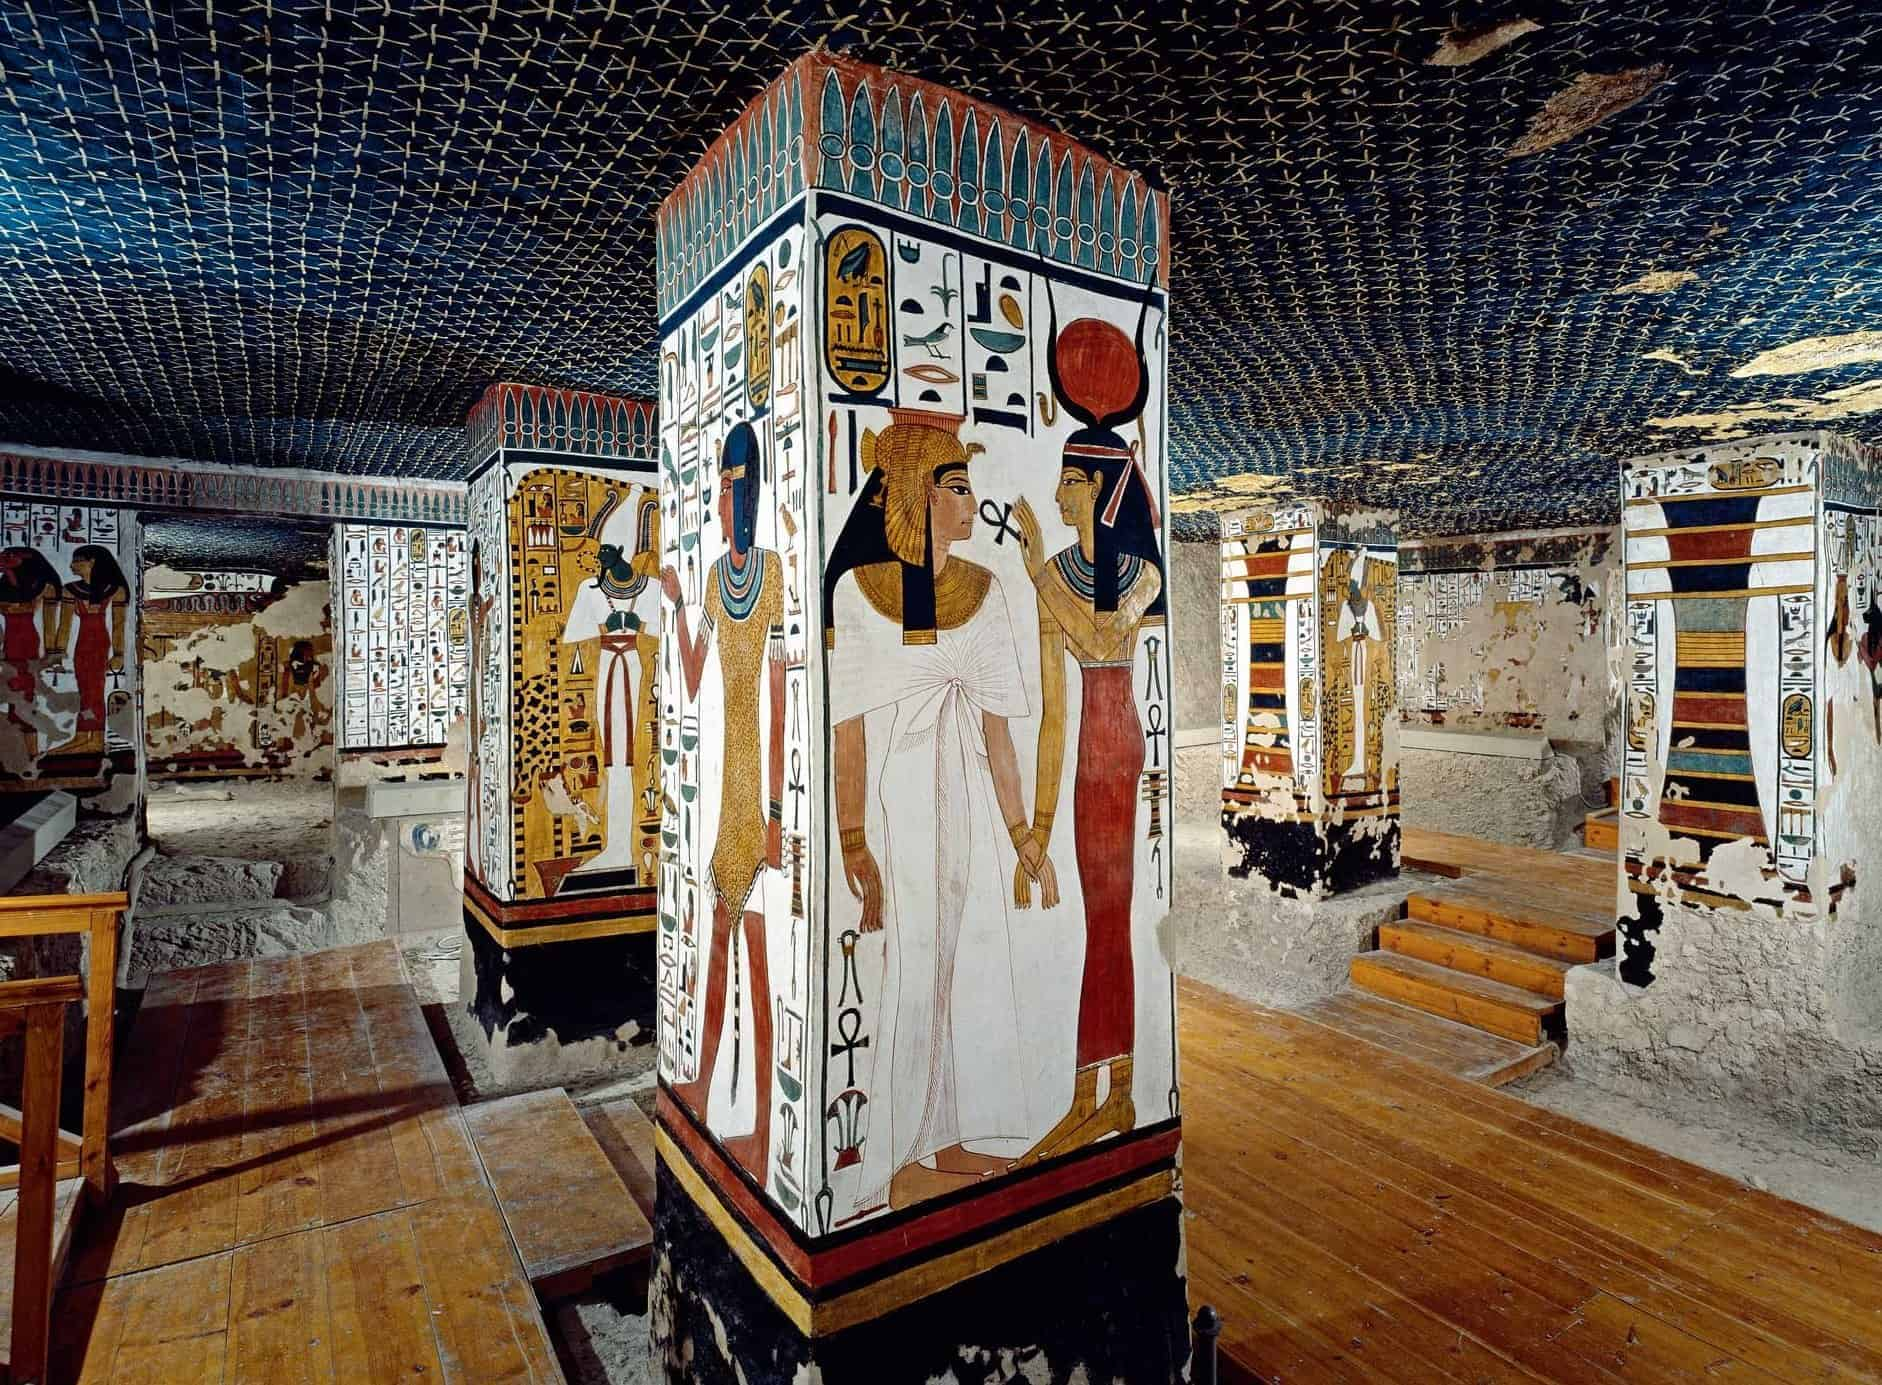 Queen Nefertari's Tomb in the Valley of the Queens